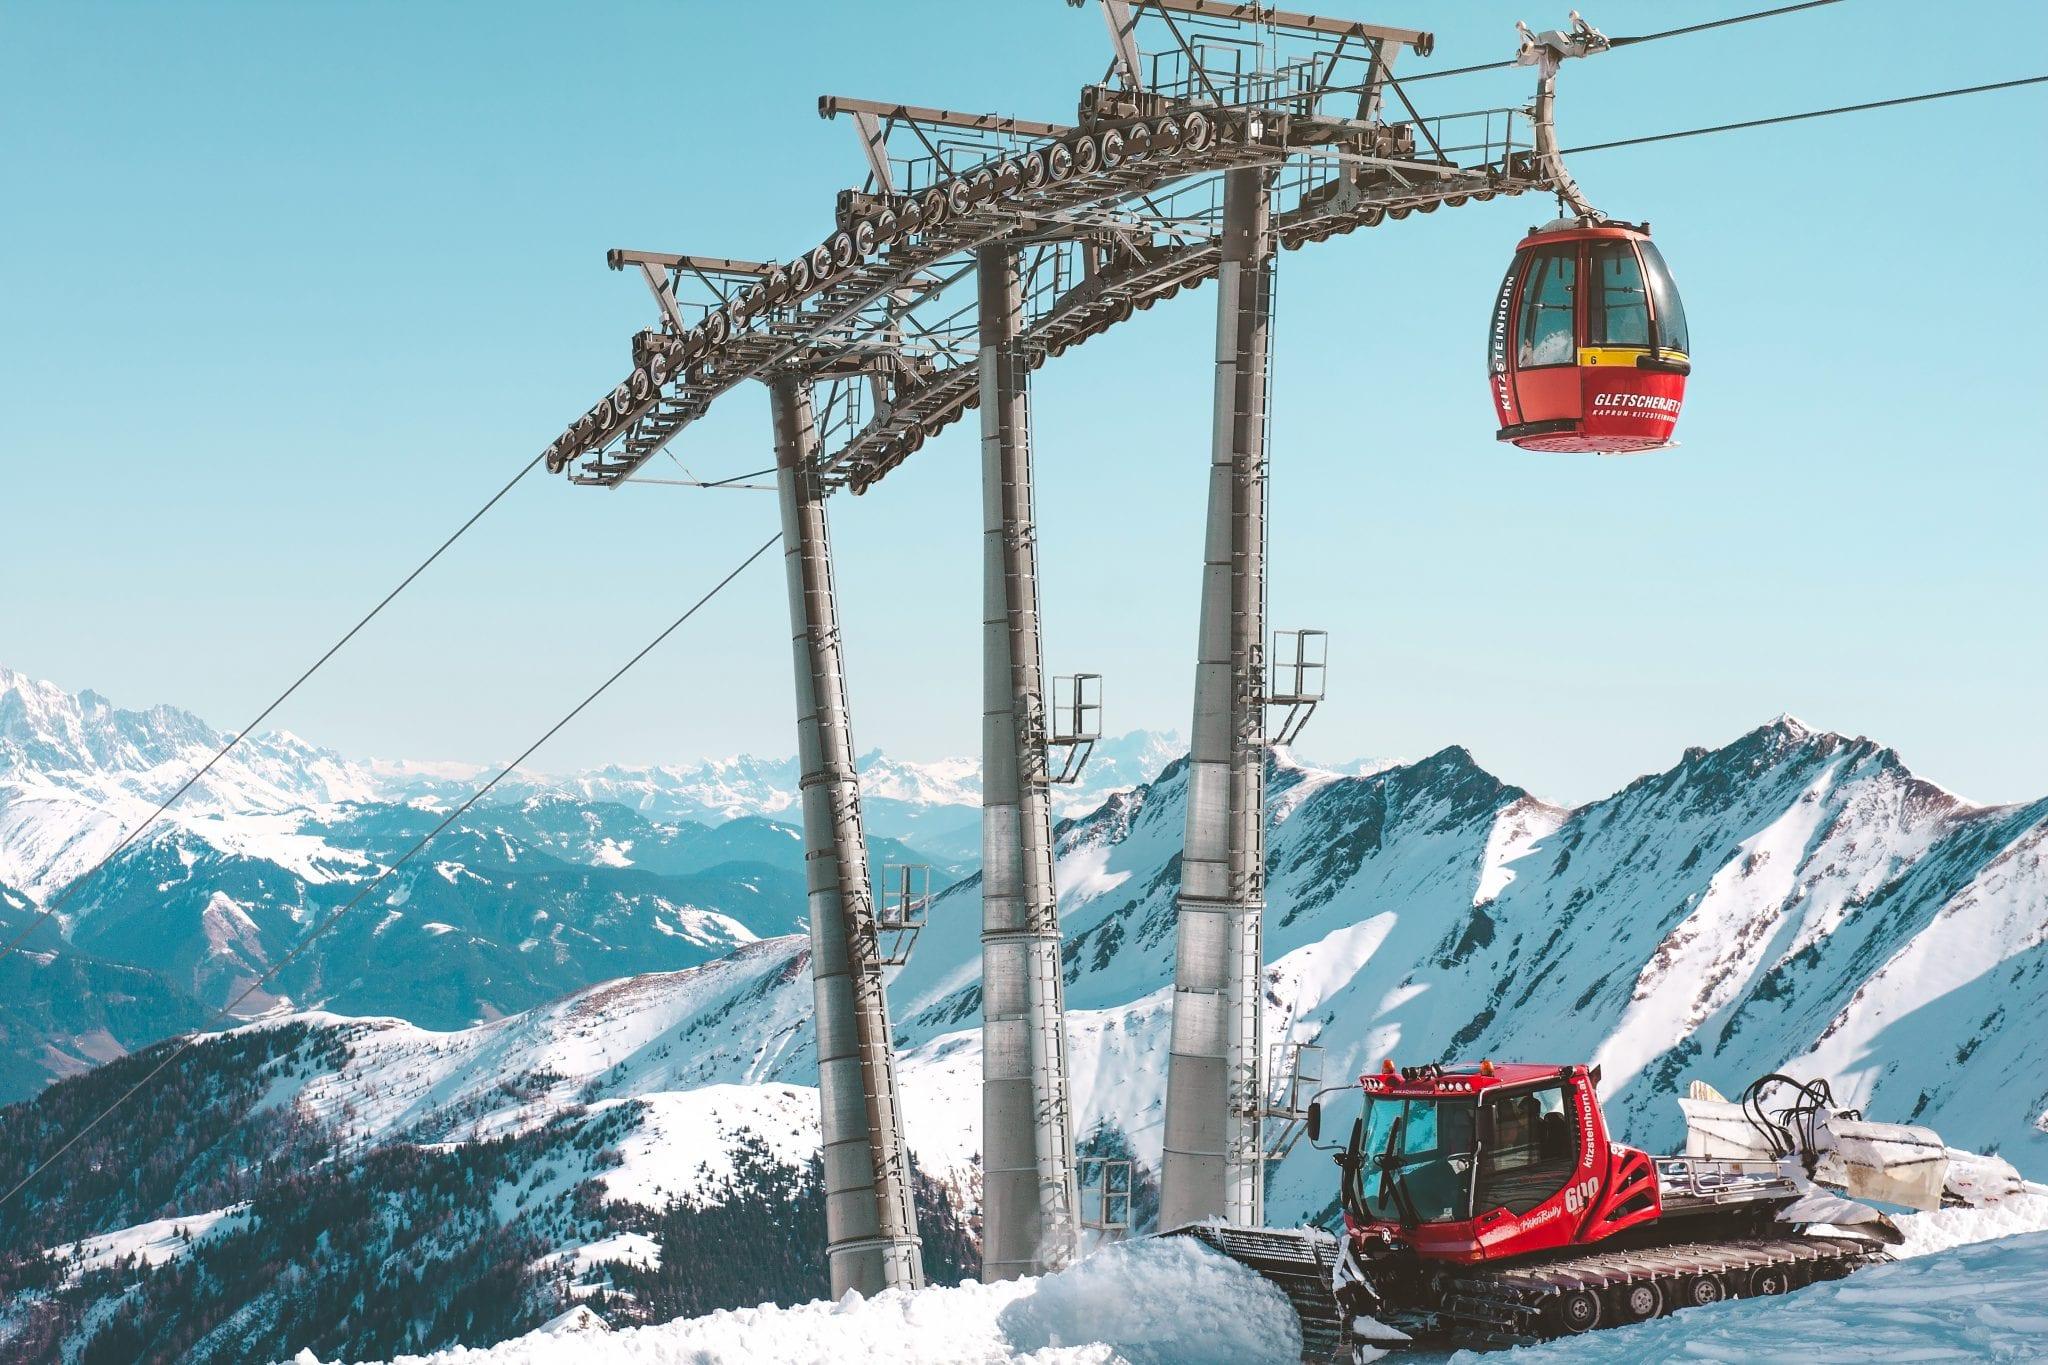 skigebied-buiten-de-alpen-daniel-frank-223181-unsplash